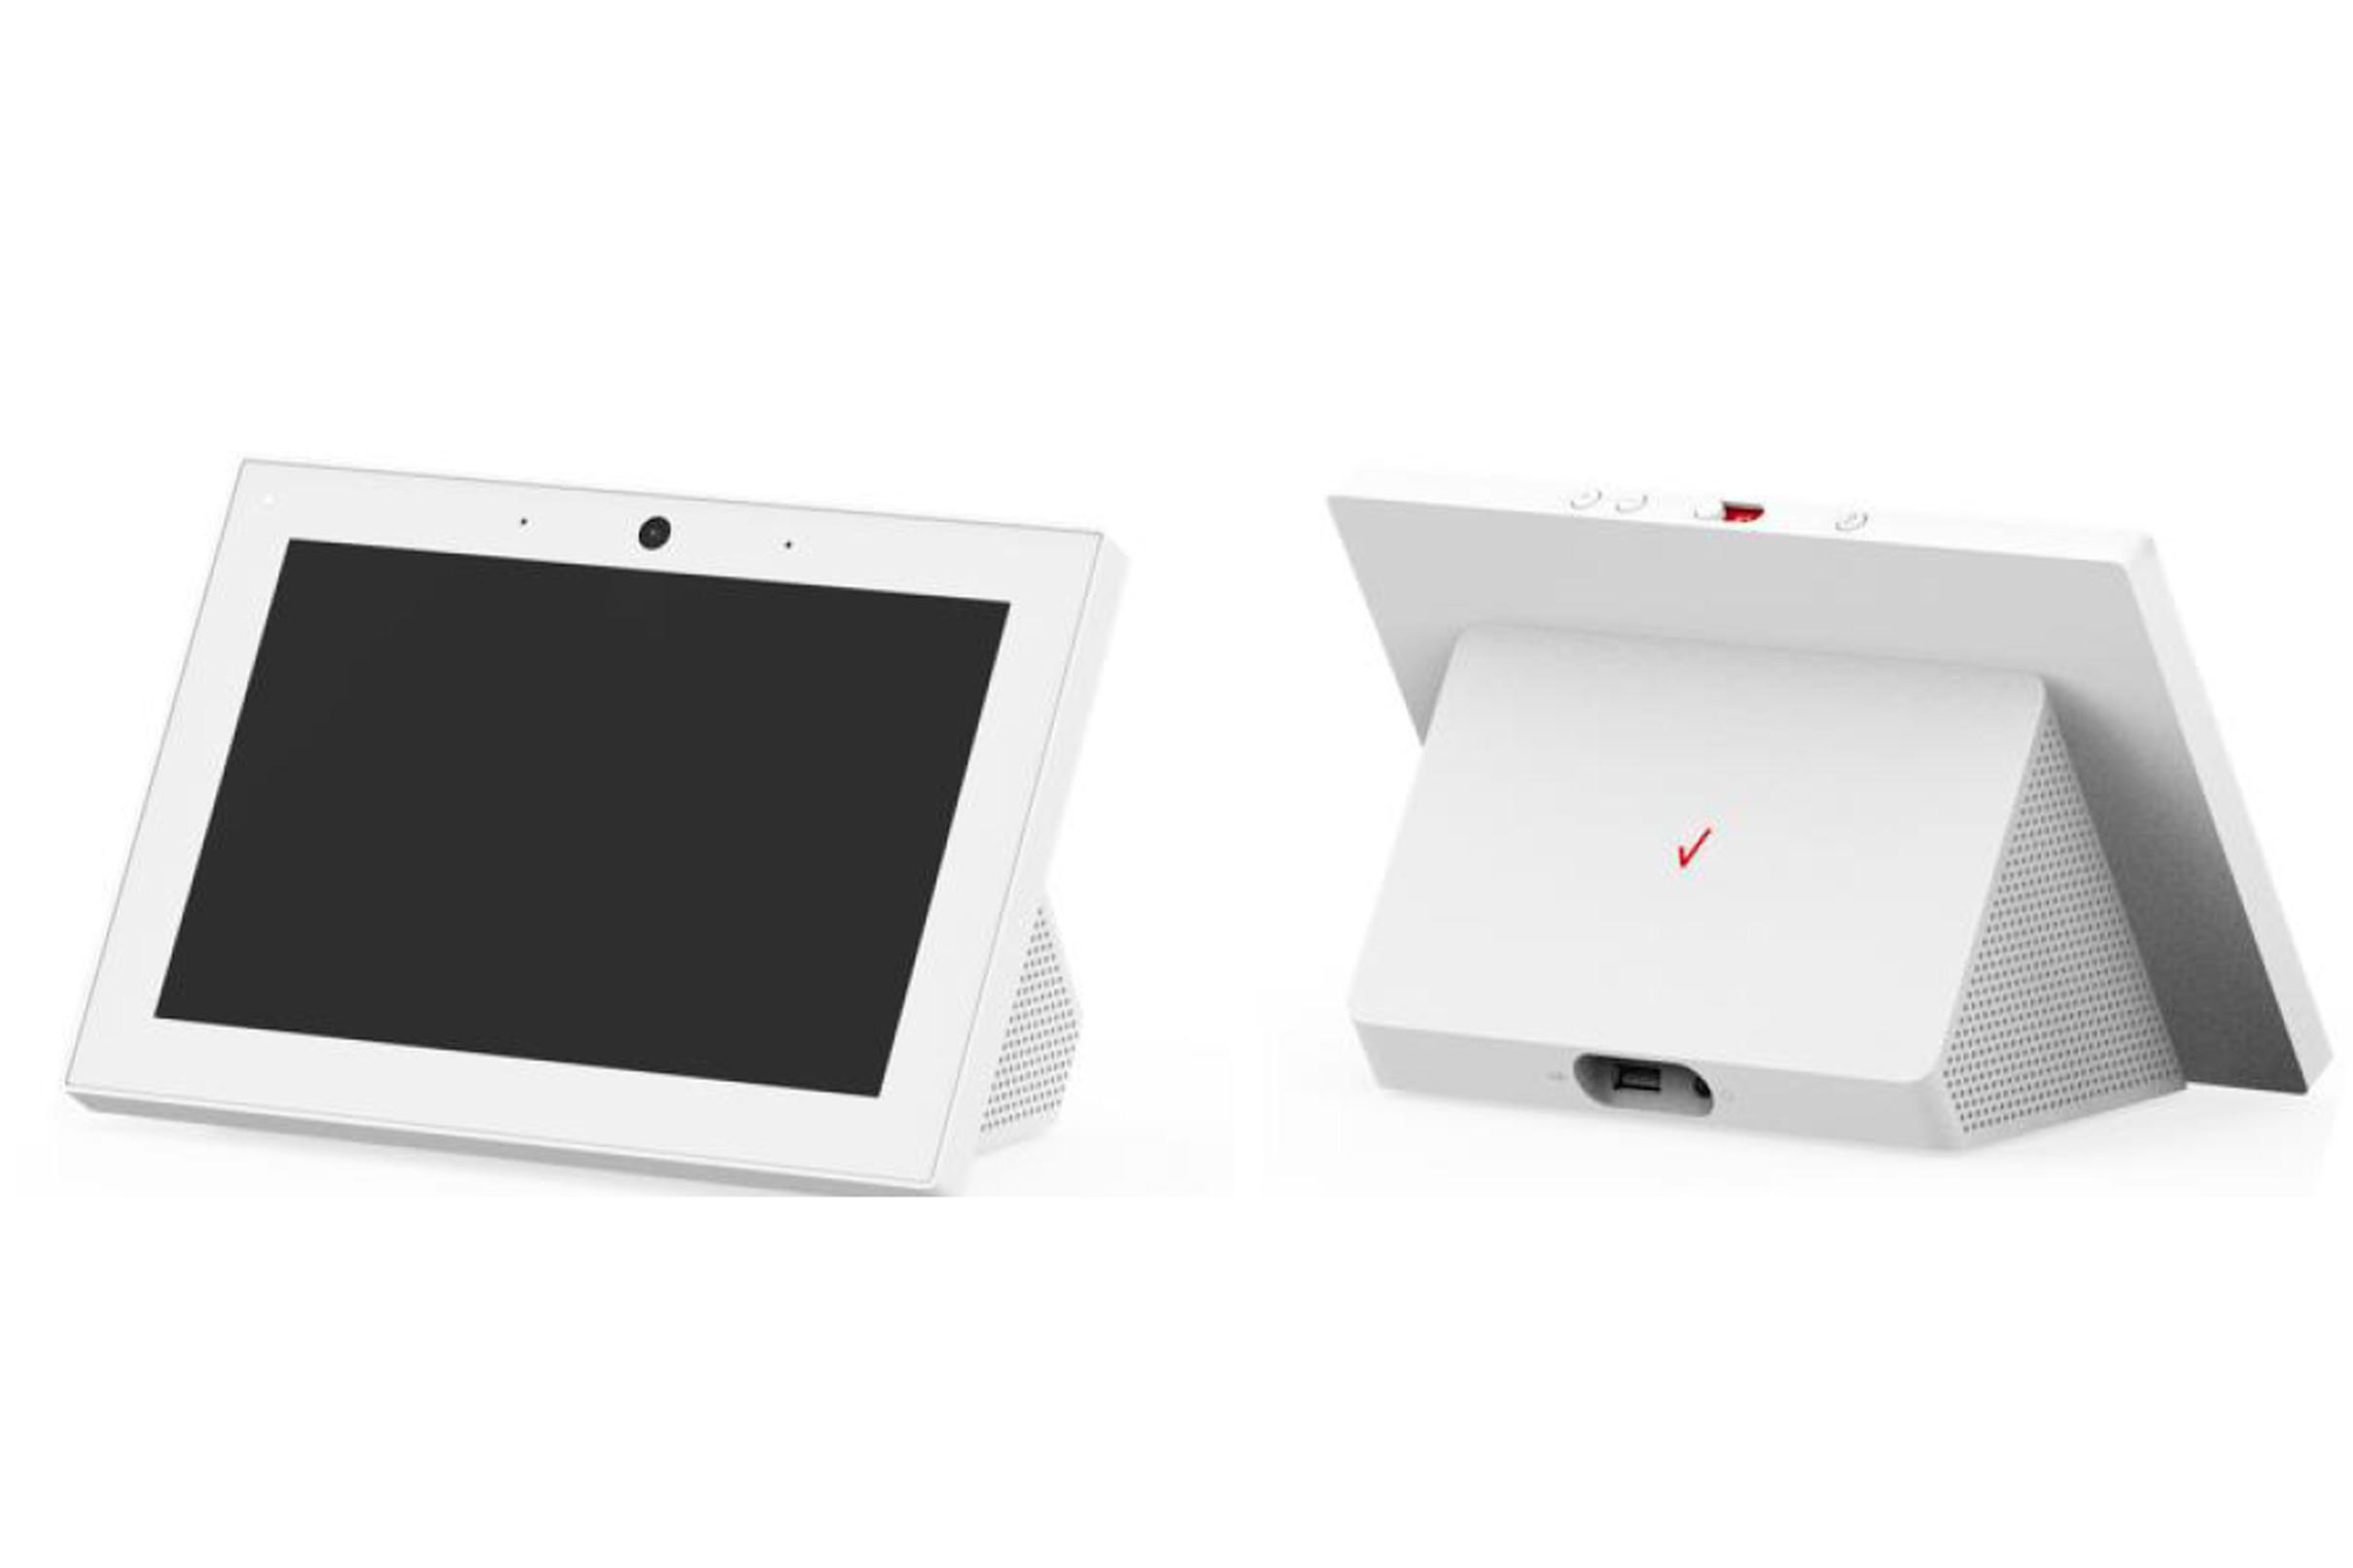 Изображение смарт-дисплея из патентной заявки Verizon, поданной в FCC.